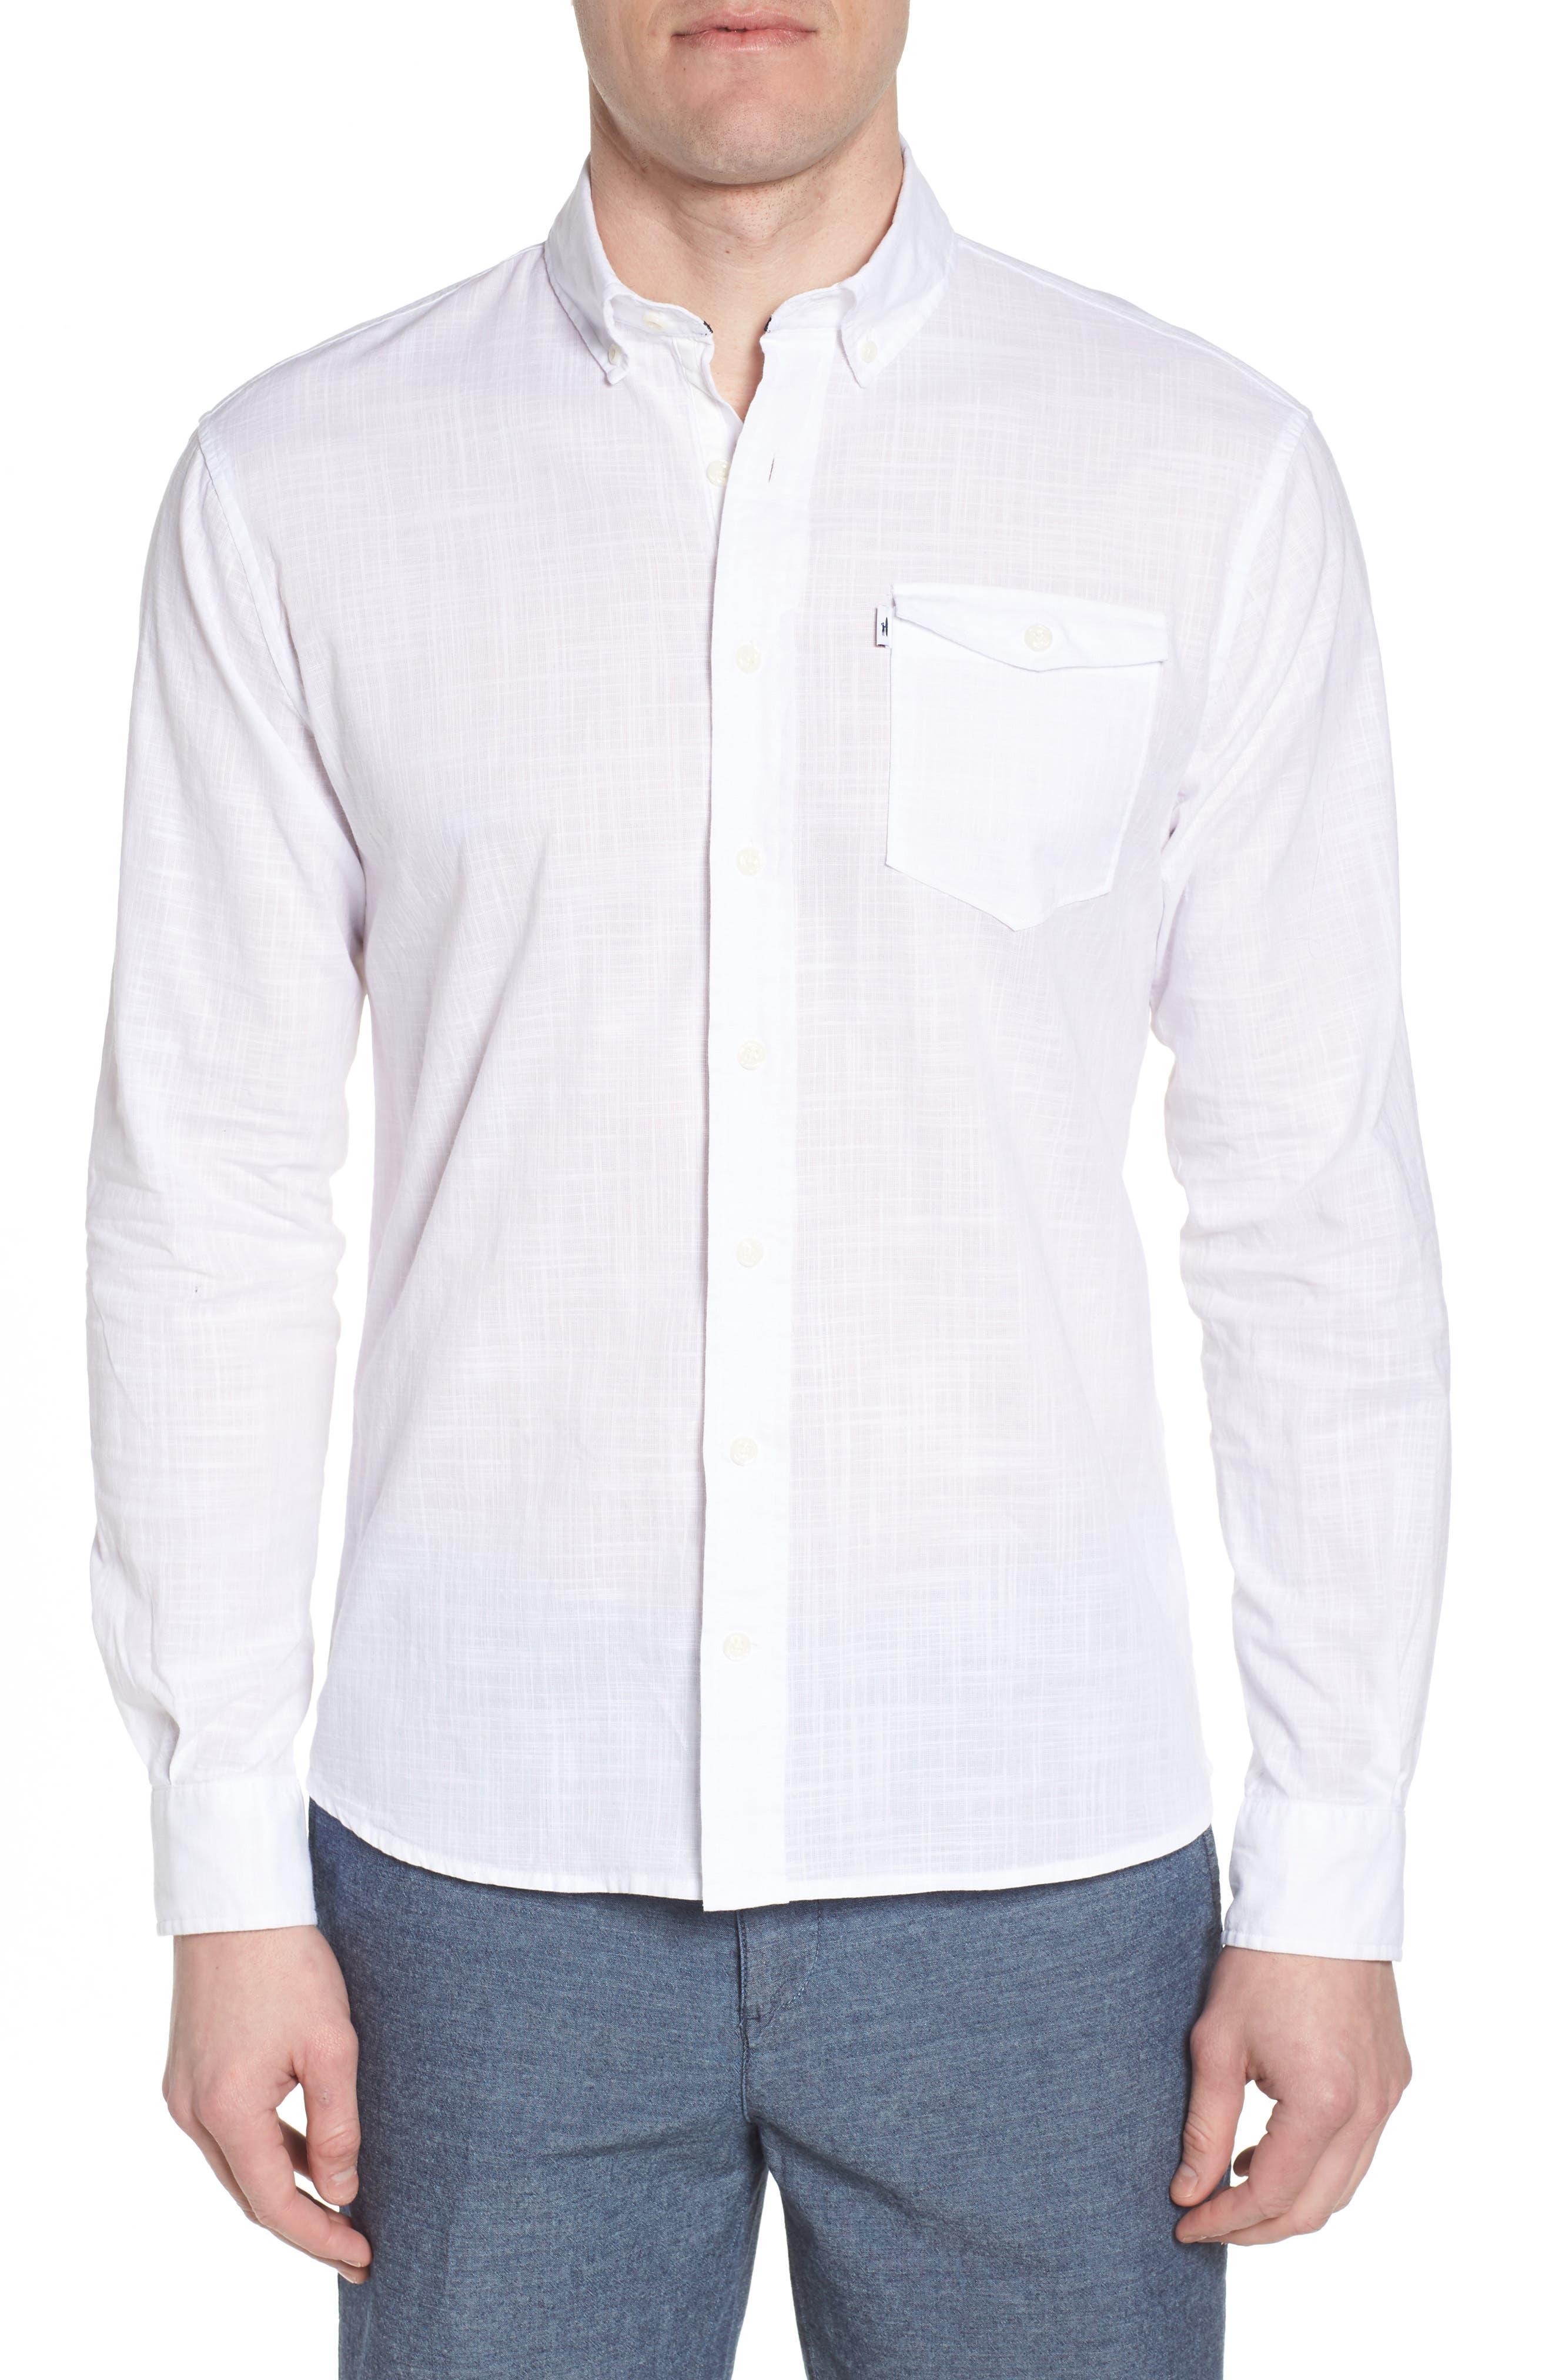 Brodie Regular Fit Sport Shirt,                             Main thumbnail 1, color,                             100